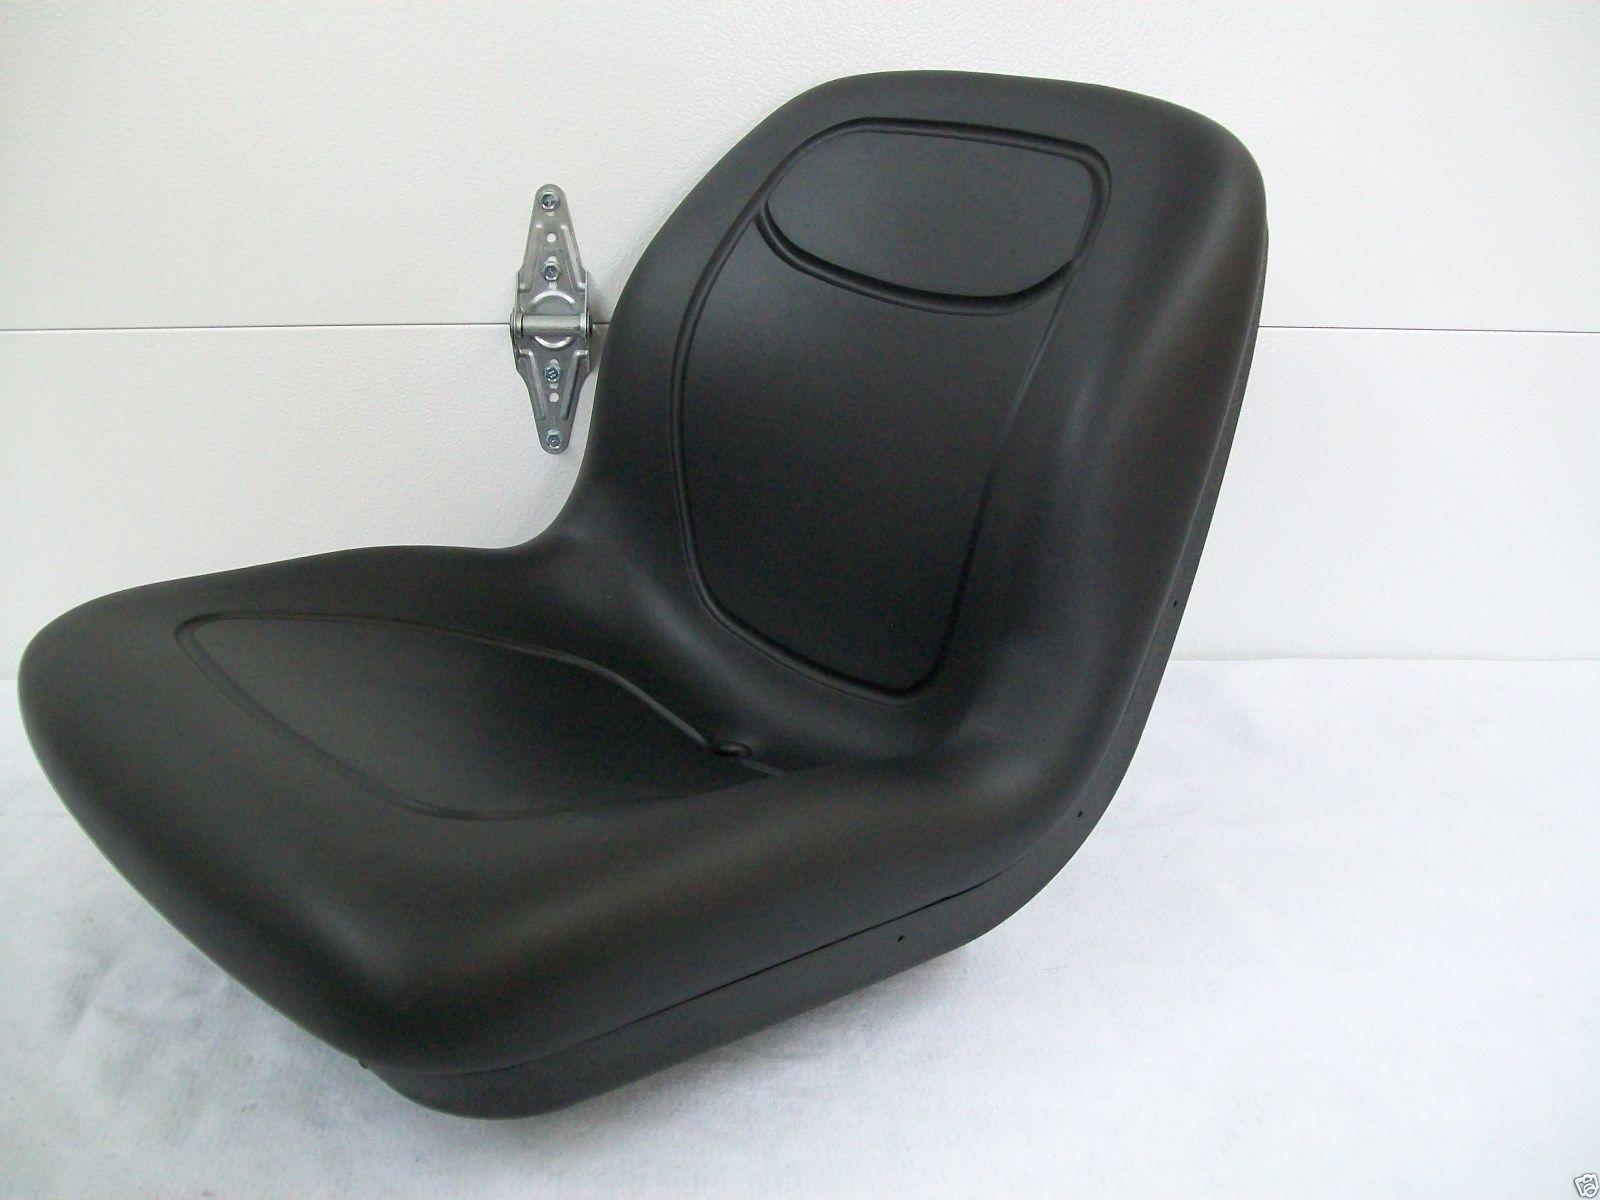 High Back Black Seat Fits John Deere Compact Tractor El